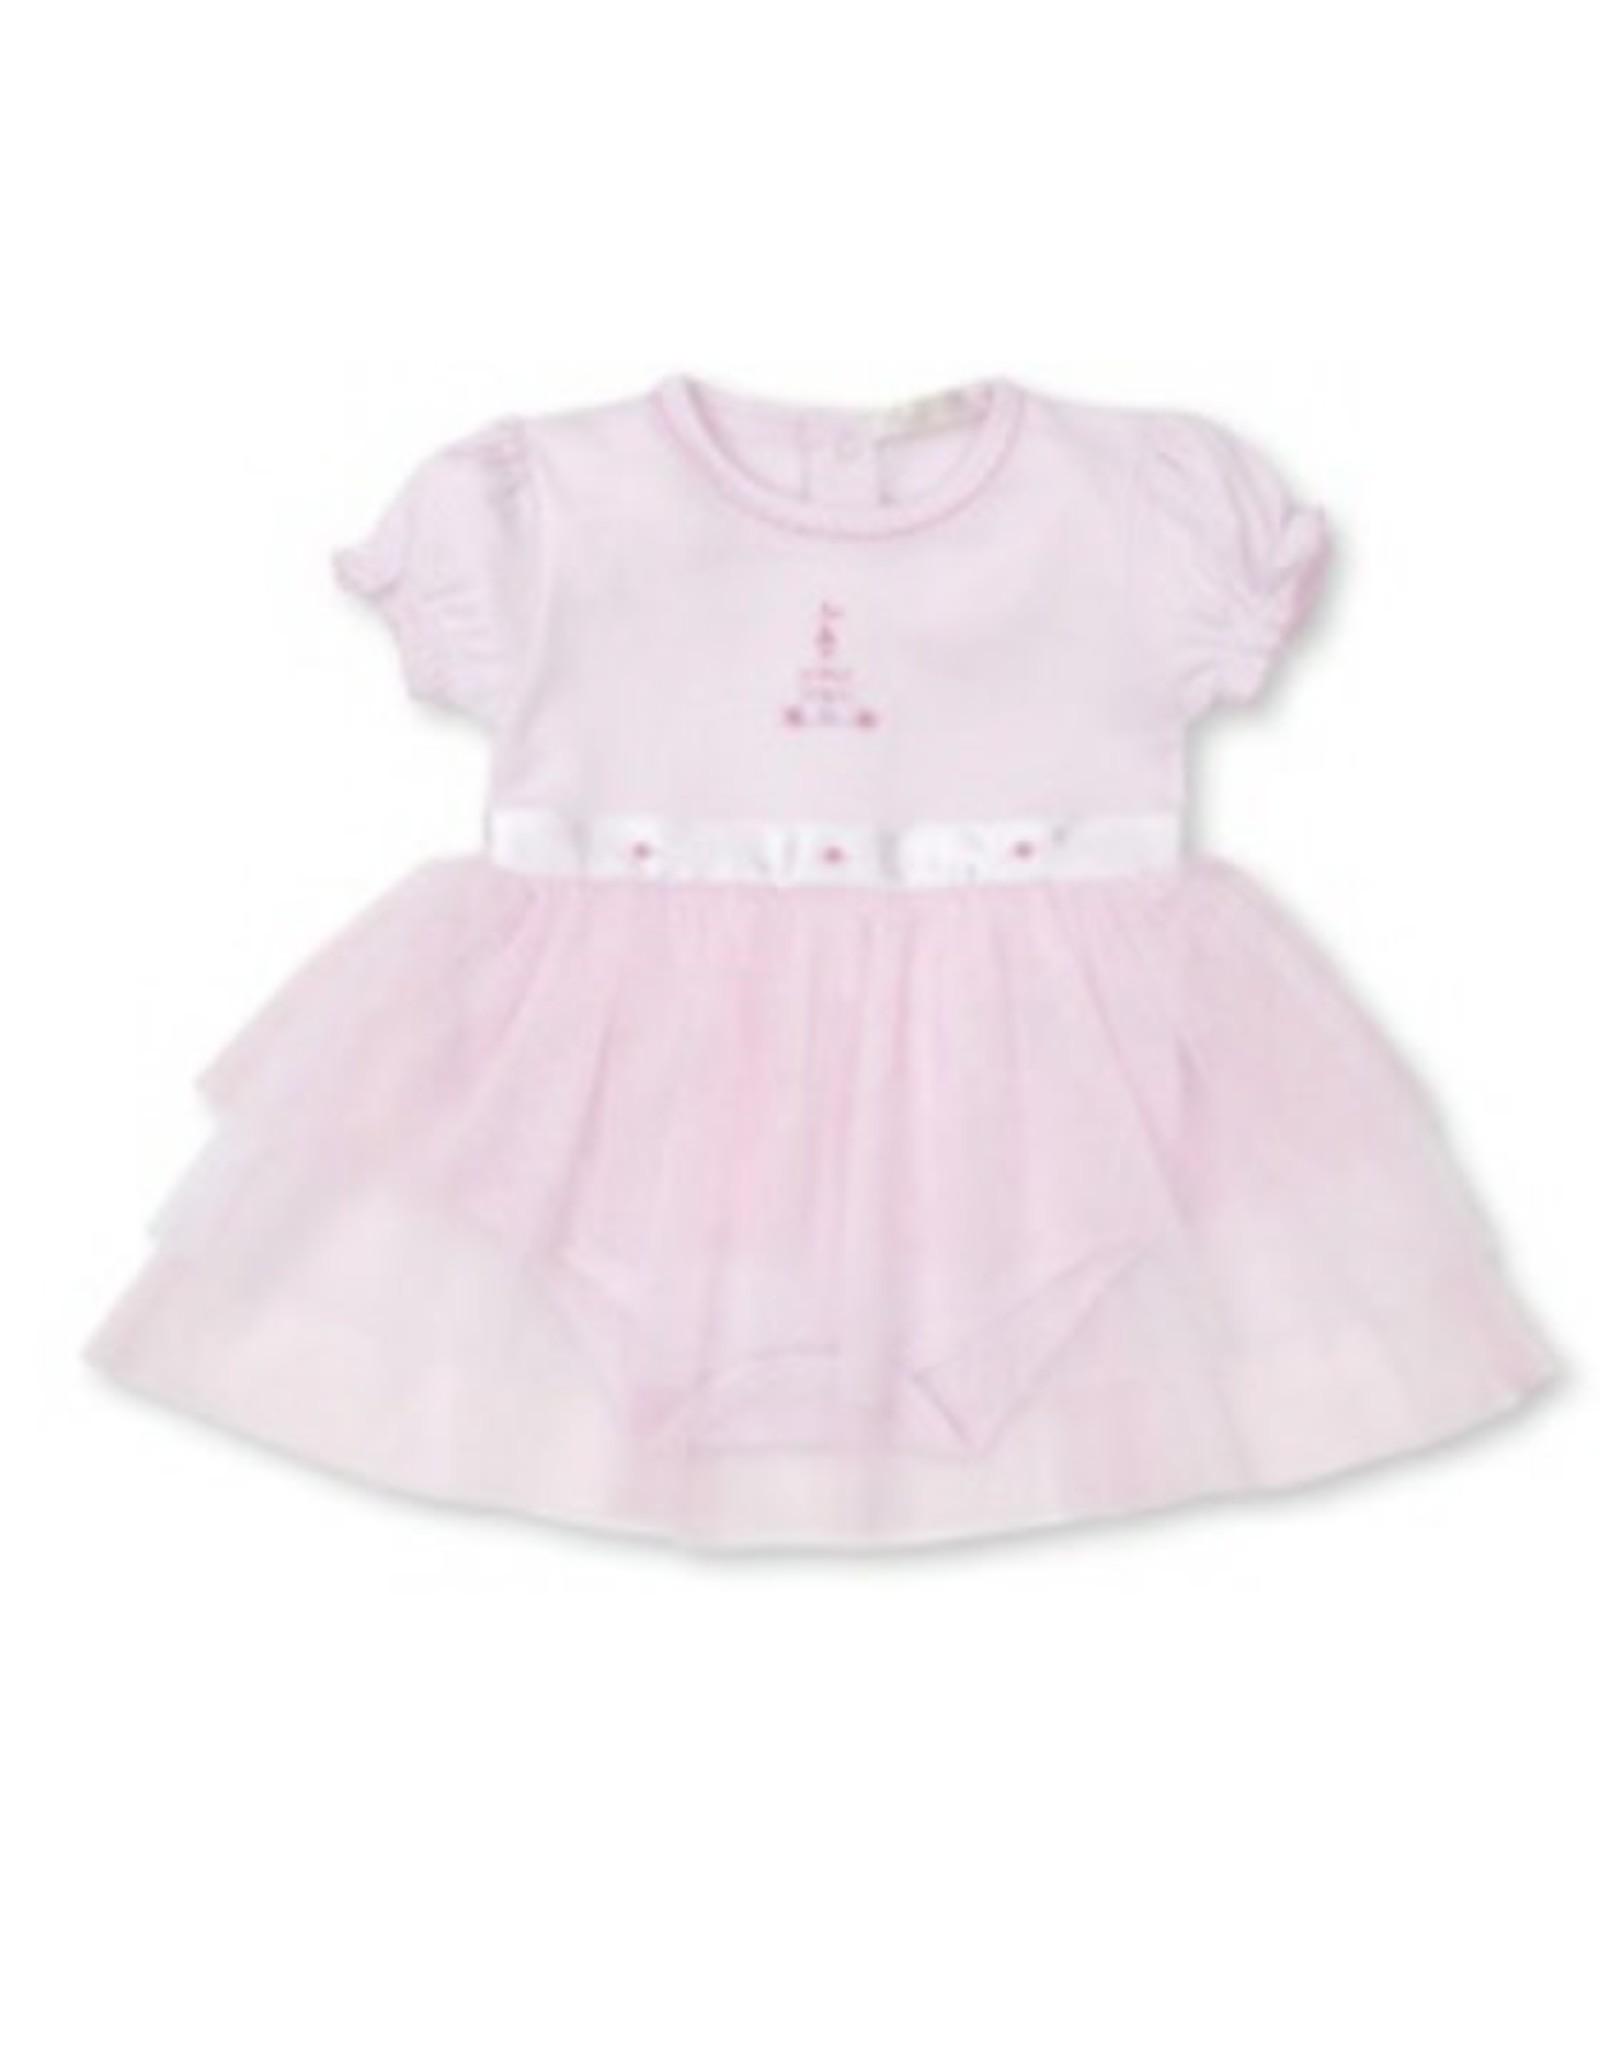 Kissy Kissy Premier Castle Couture Bodysuit Dress